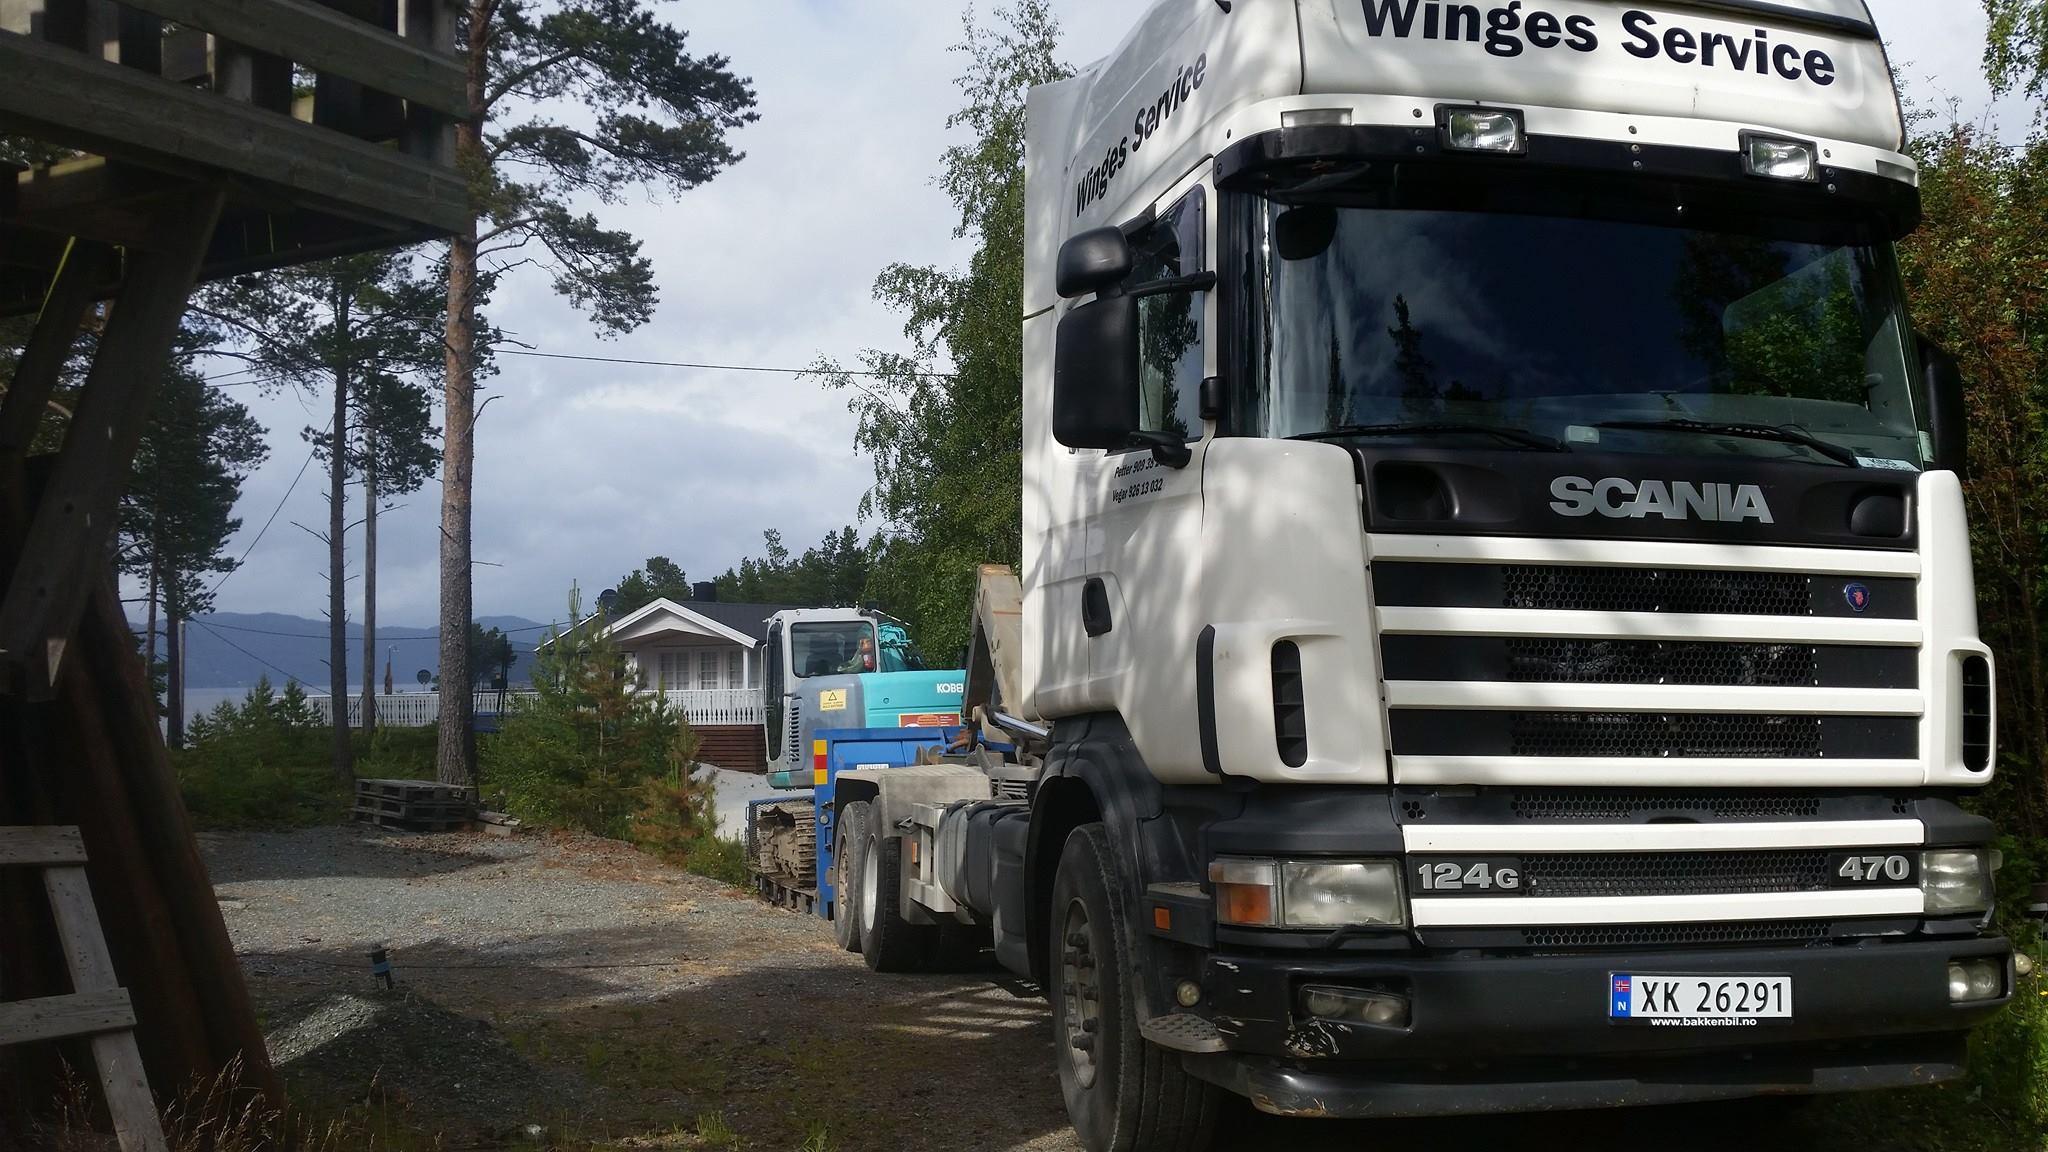 Winges Service transport